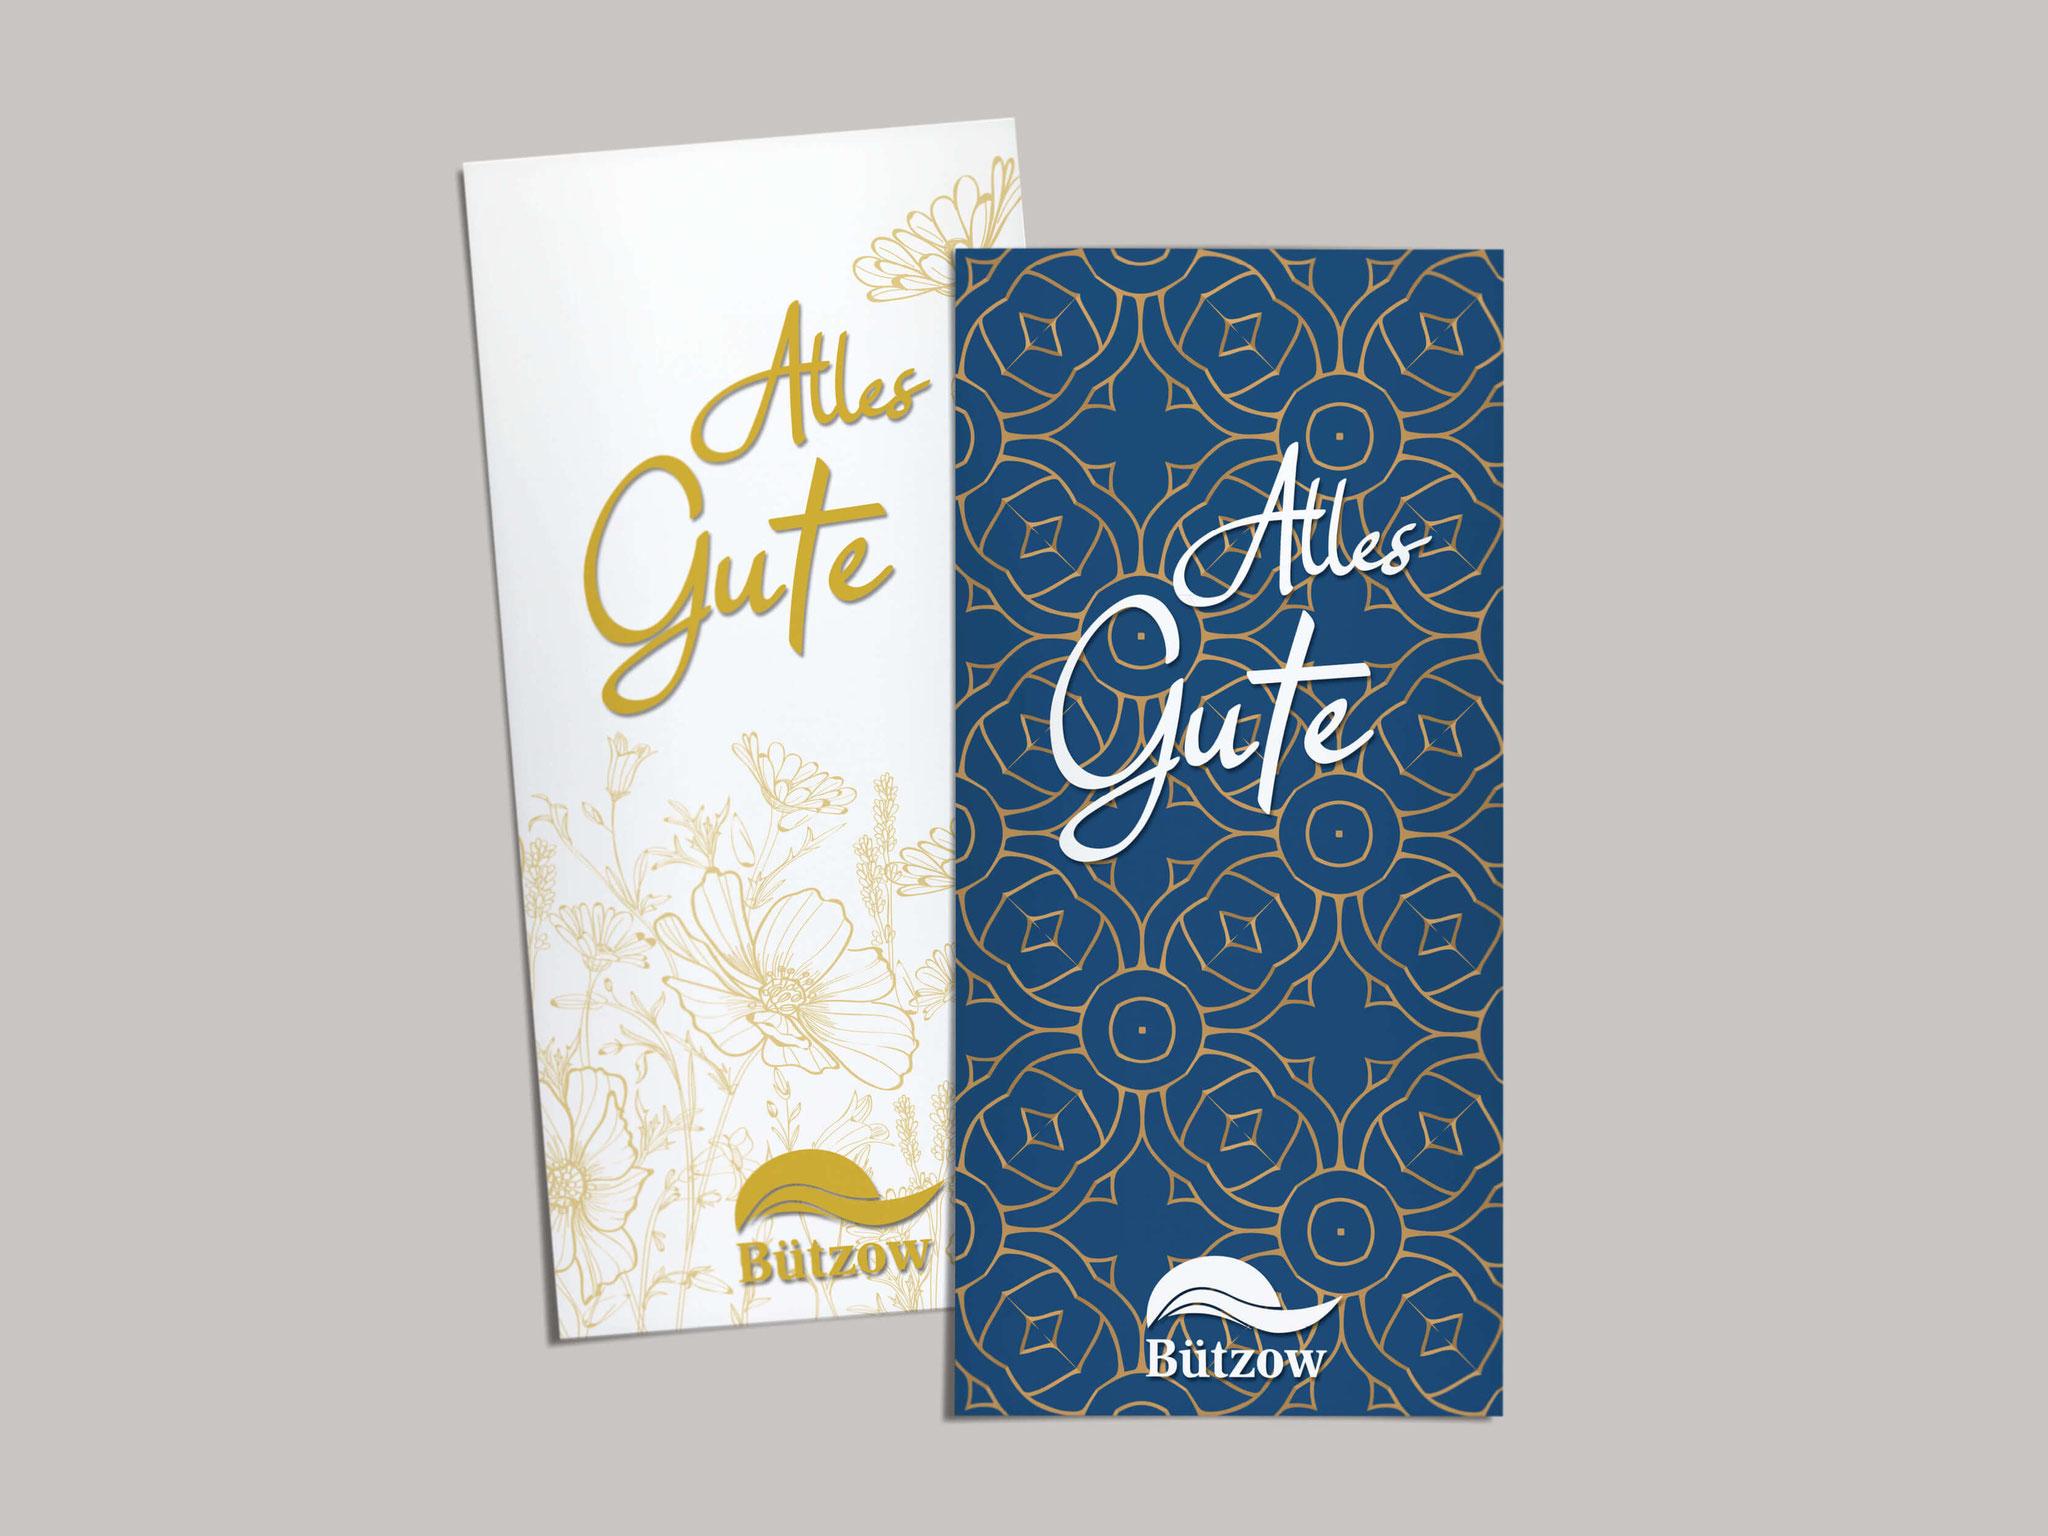 Stadt Bützow - Glückwunschkarten mit Relieflack